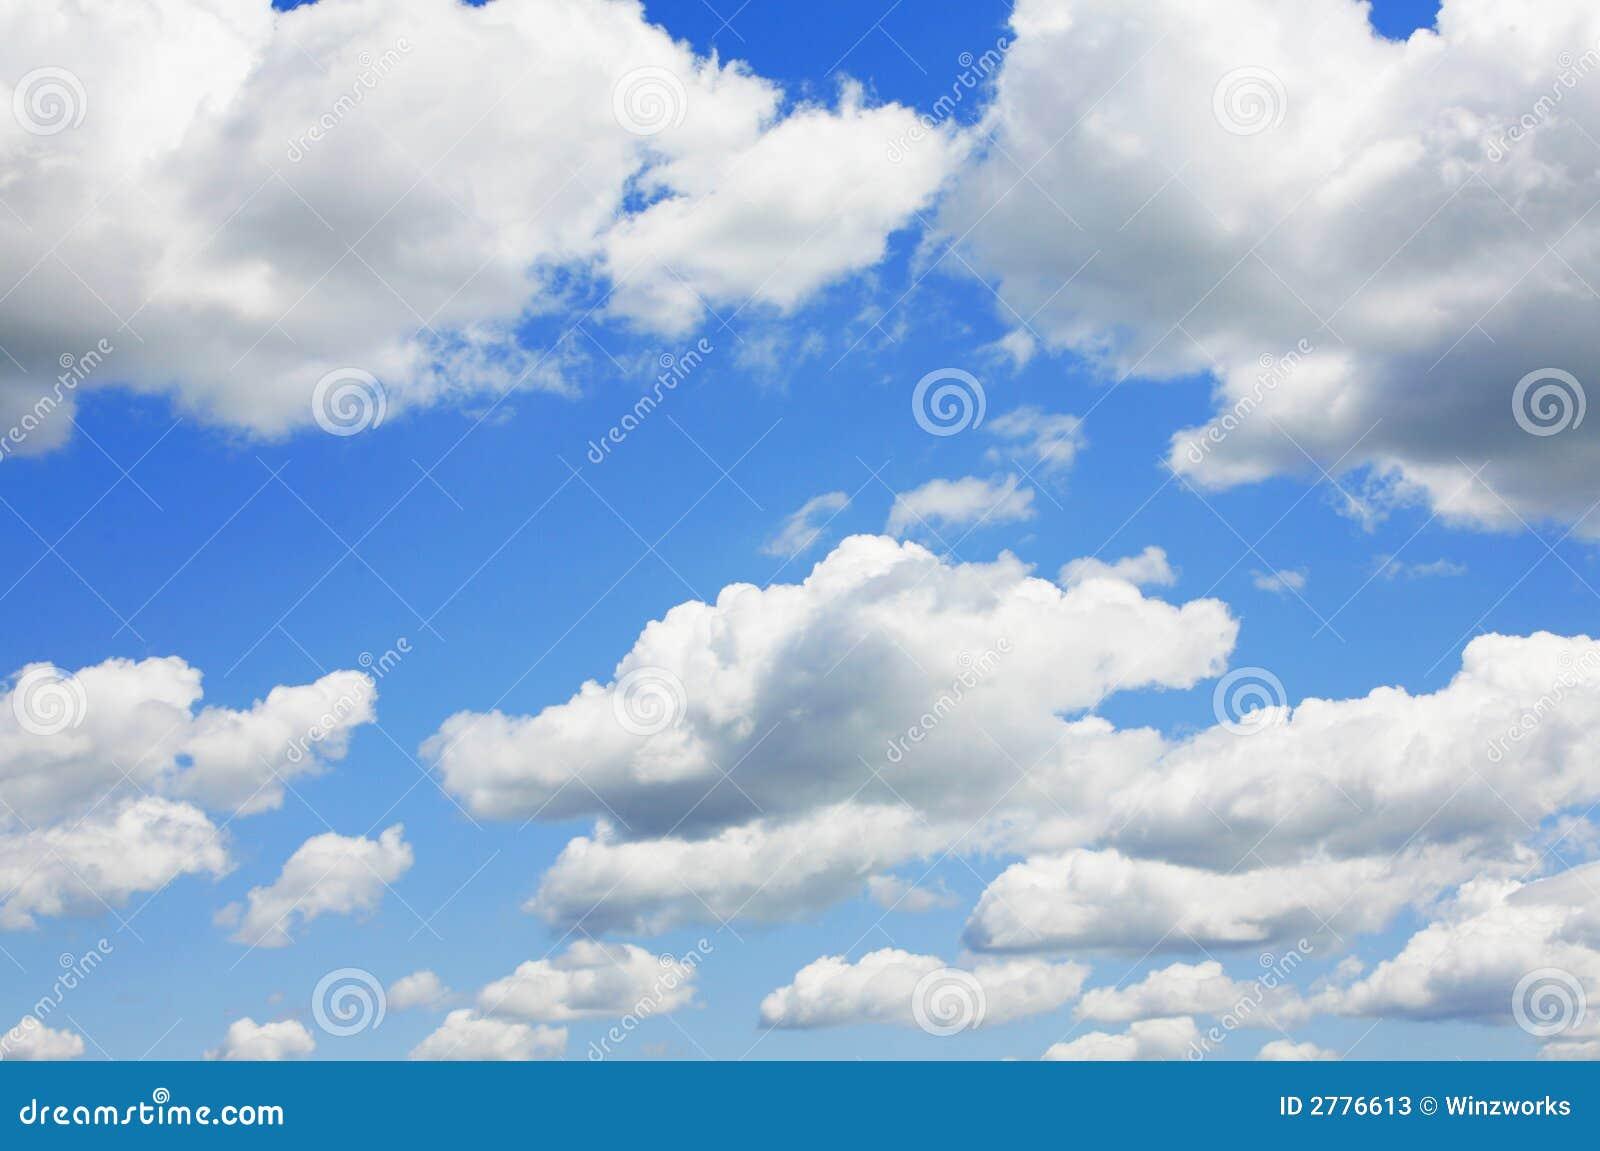 Blauer Himmel und geschwollene Wolken